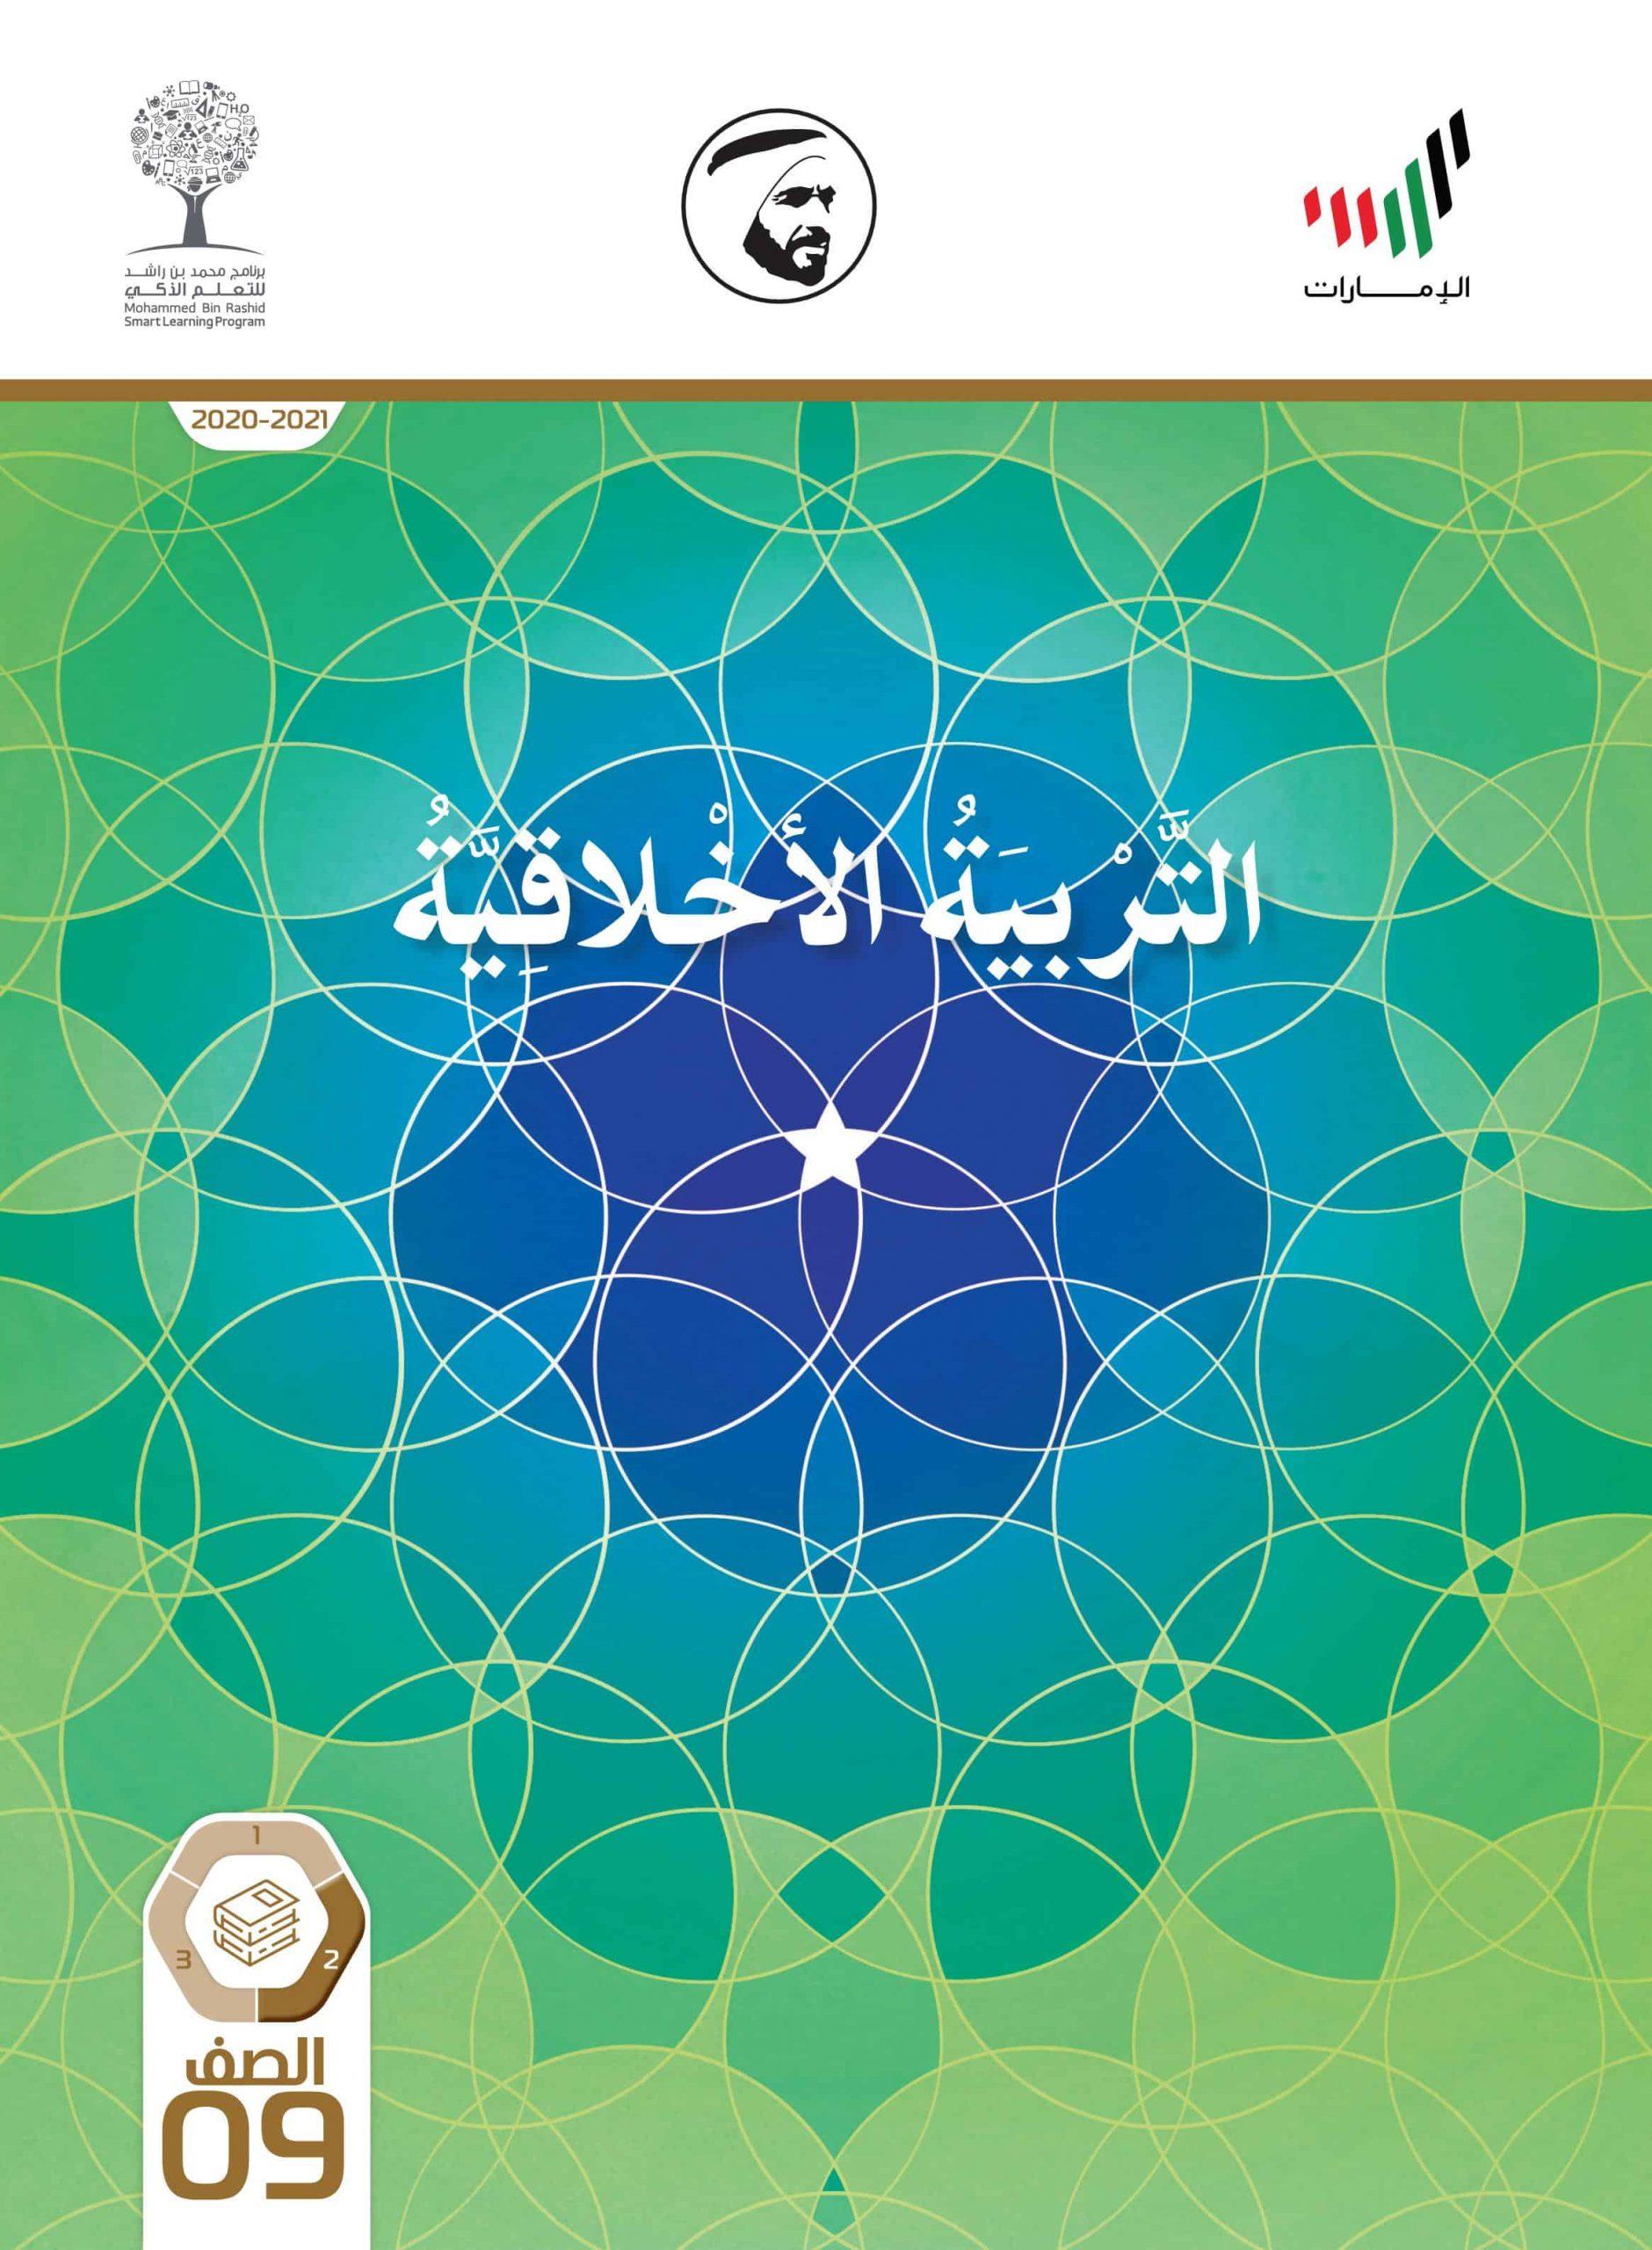 كتاب الطالب الفصل الدراسي الثاني 2020-2021 الصف التاسع مادة التربية الاخلاقية